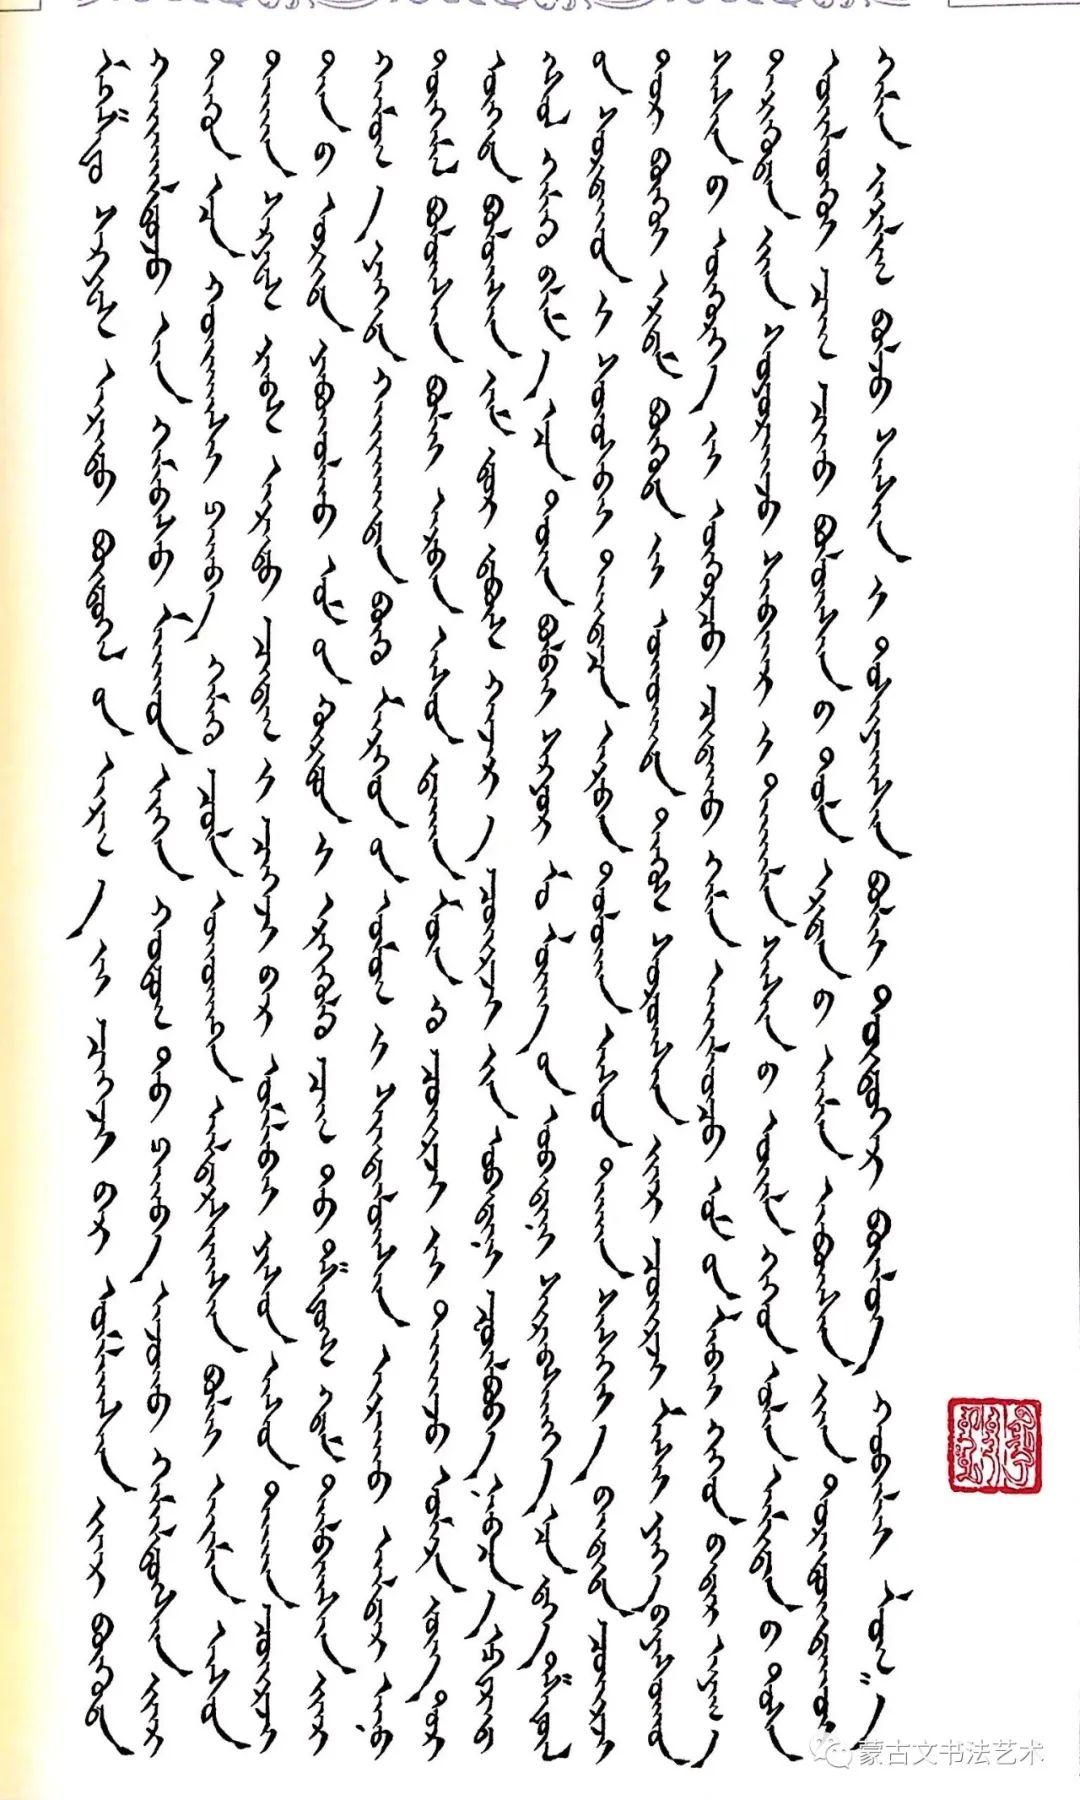 孟克德力格尔楷书著作《八思巴传》 第5张